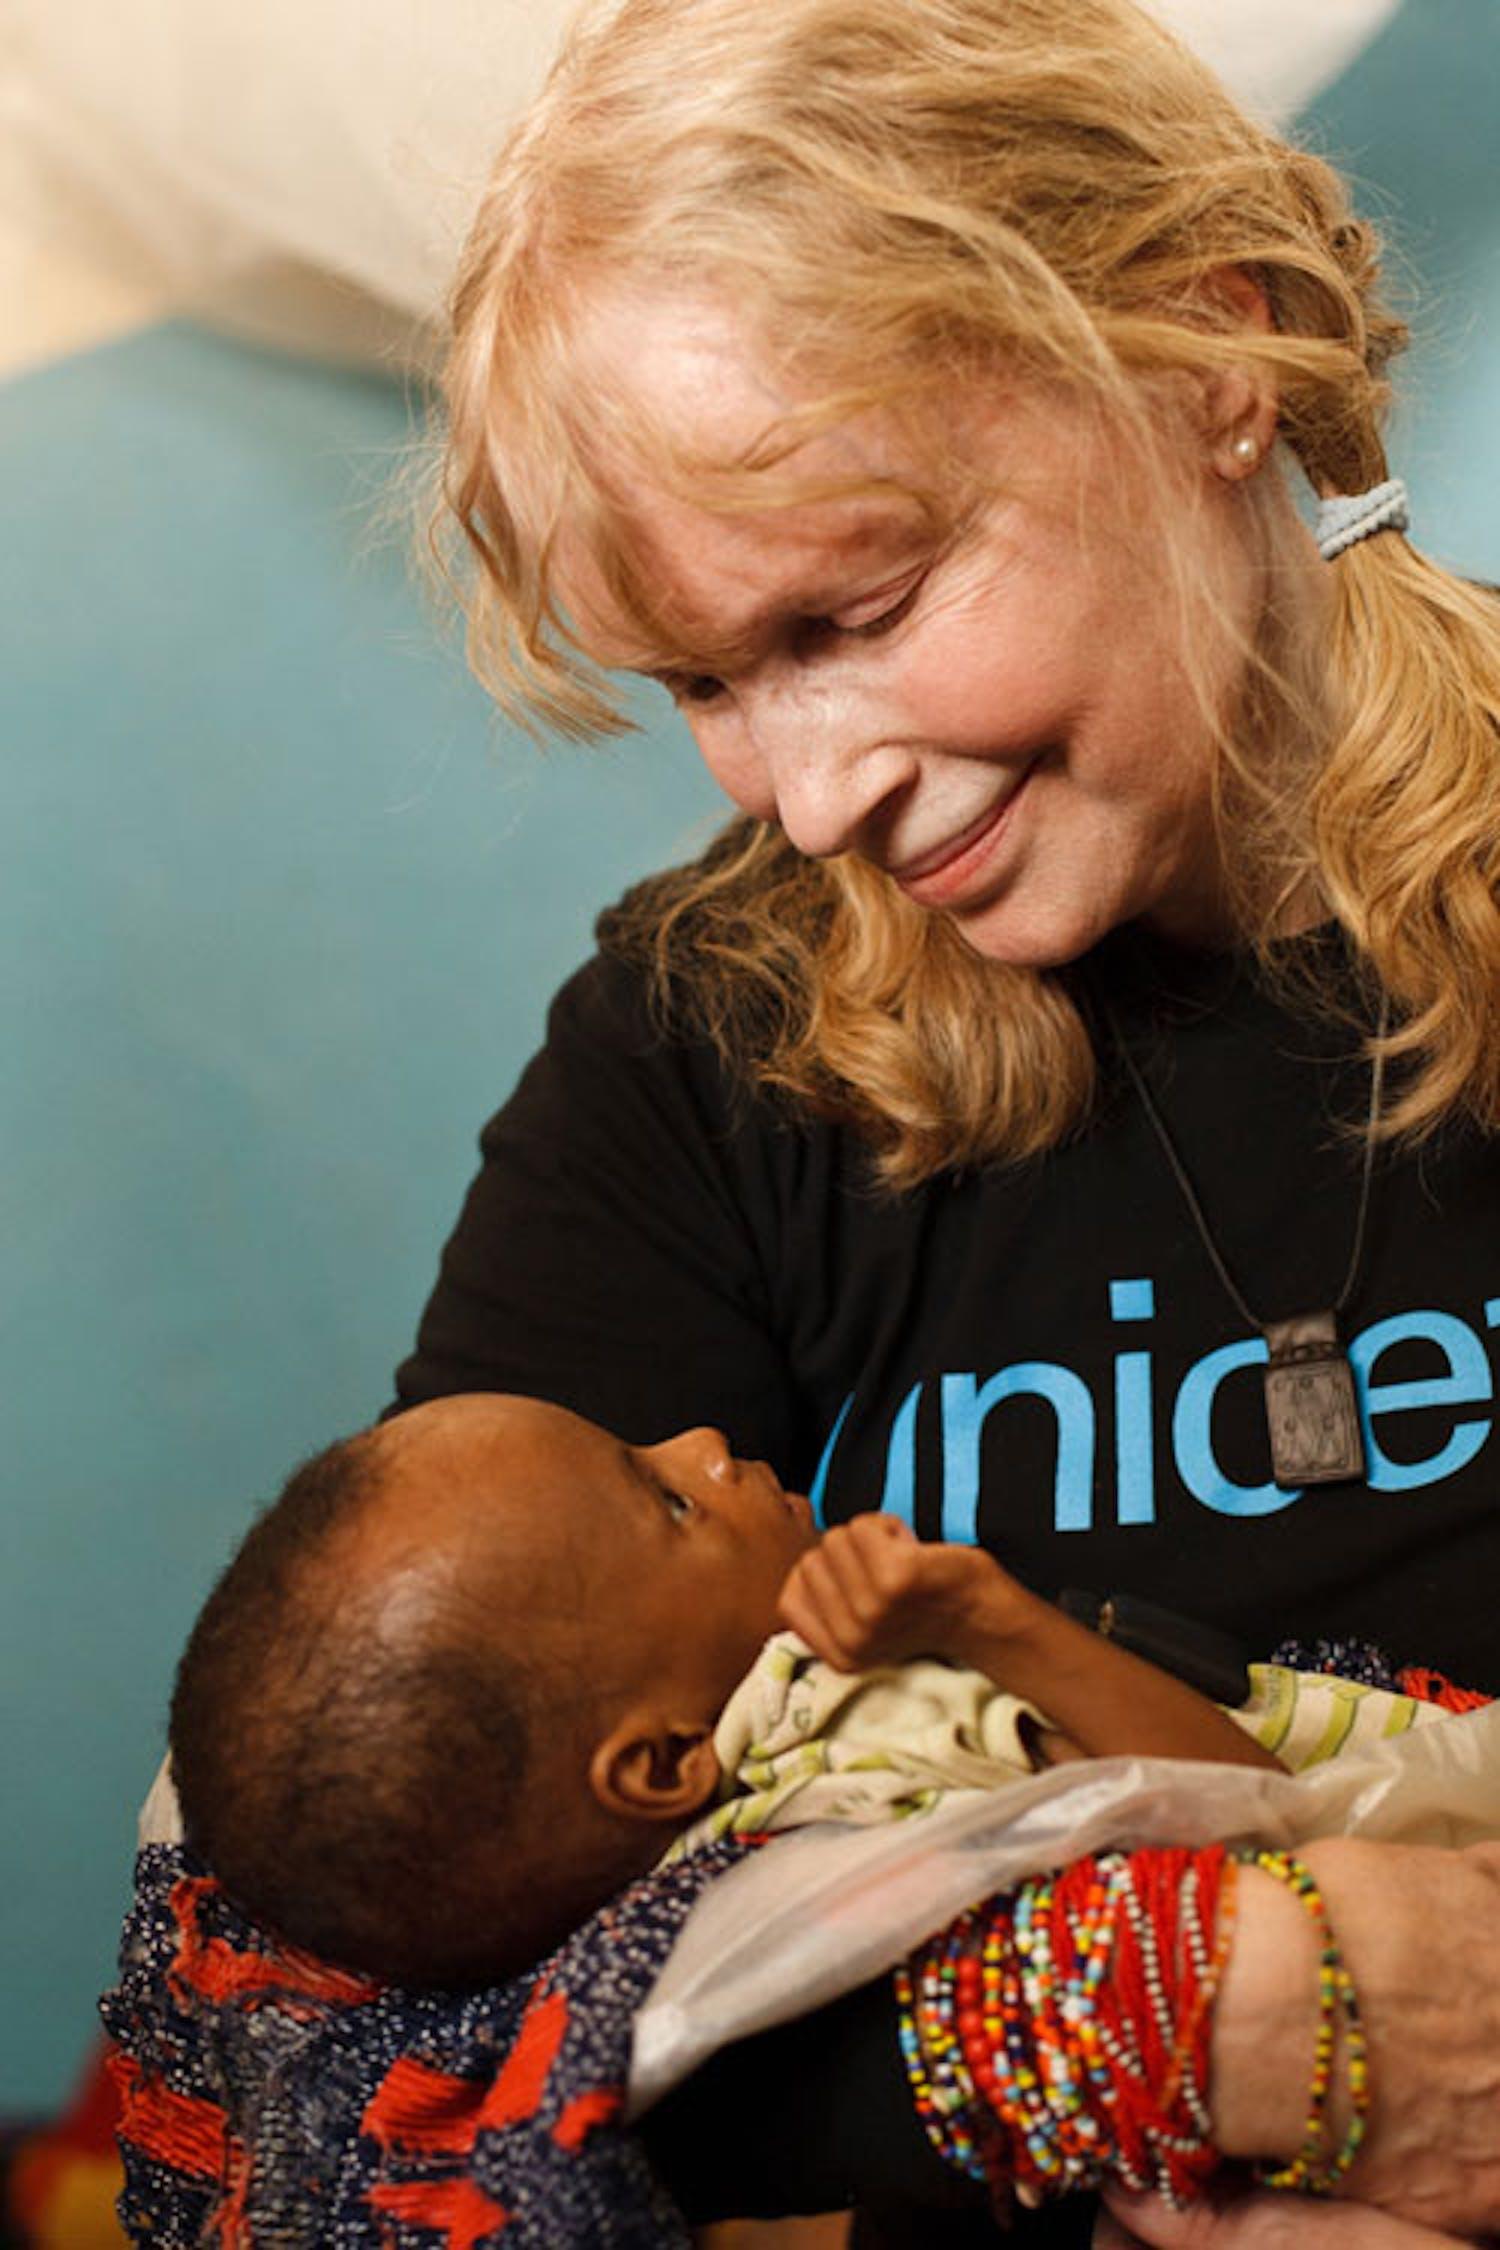 Mia Farrow con una bambina gravemente malnutrita nell'ospedale di Mao (Ciad): sono circa 100.000 i bambini a rischio di morte per fame nel paese africano - ©UNICEF/NYHQ2012-0045/Asselin